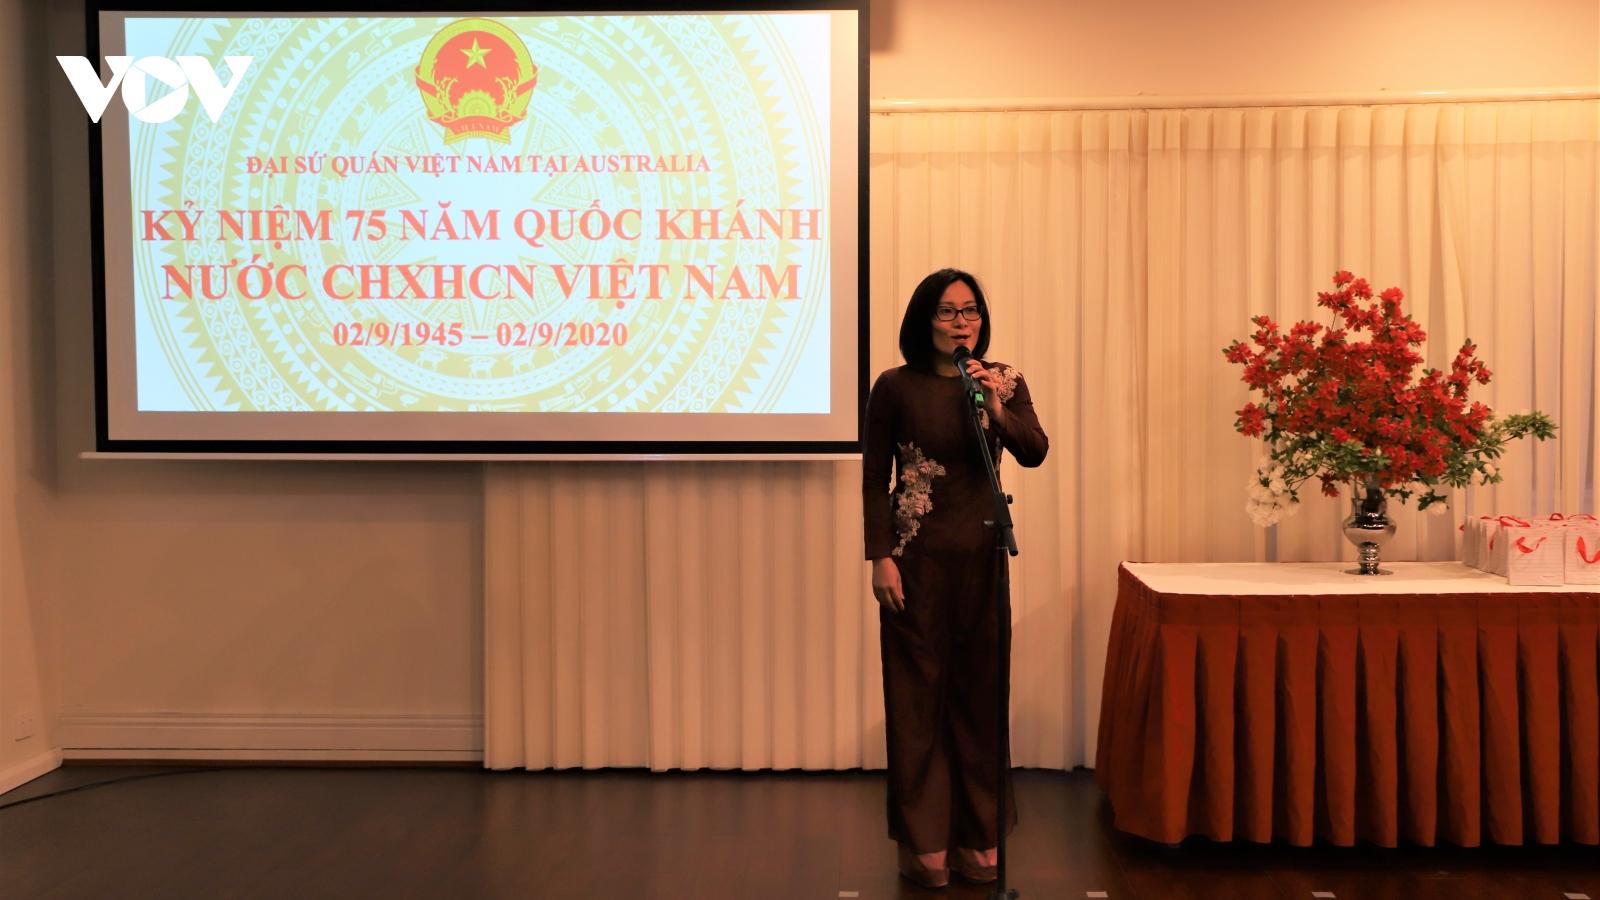 Lễ kỷ niệm 75 năm Quốc khánh Việt Nam tại Australia